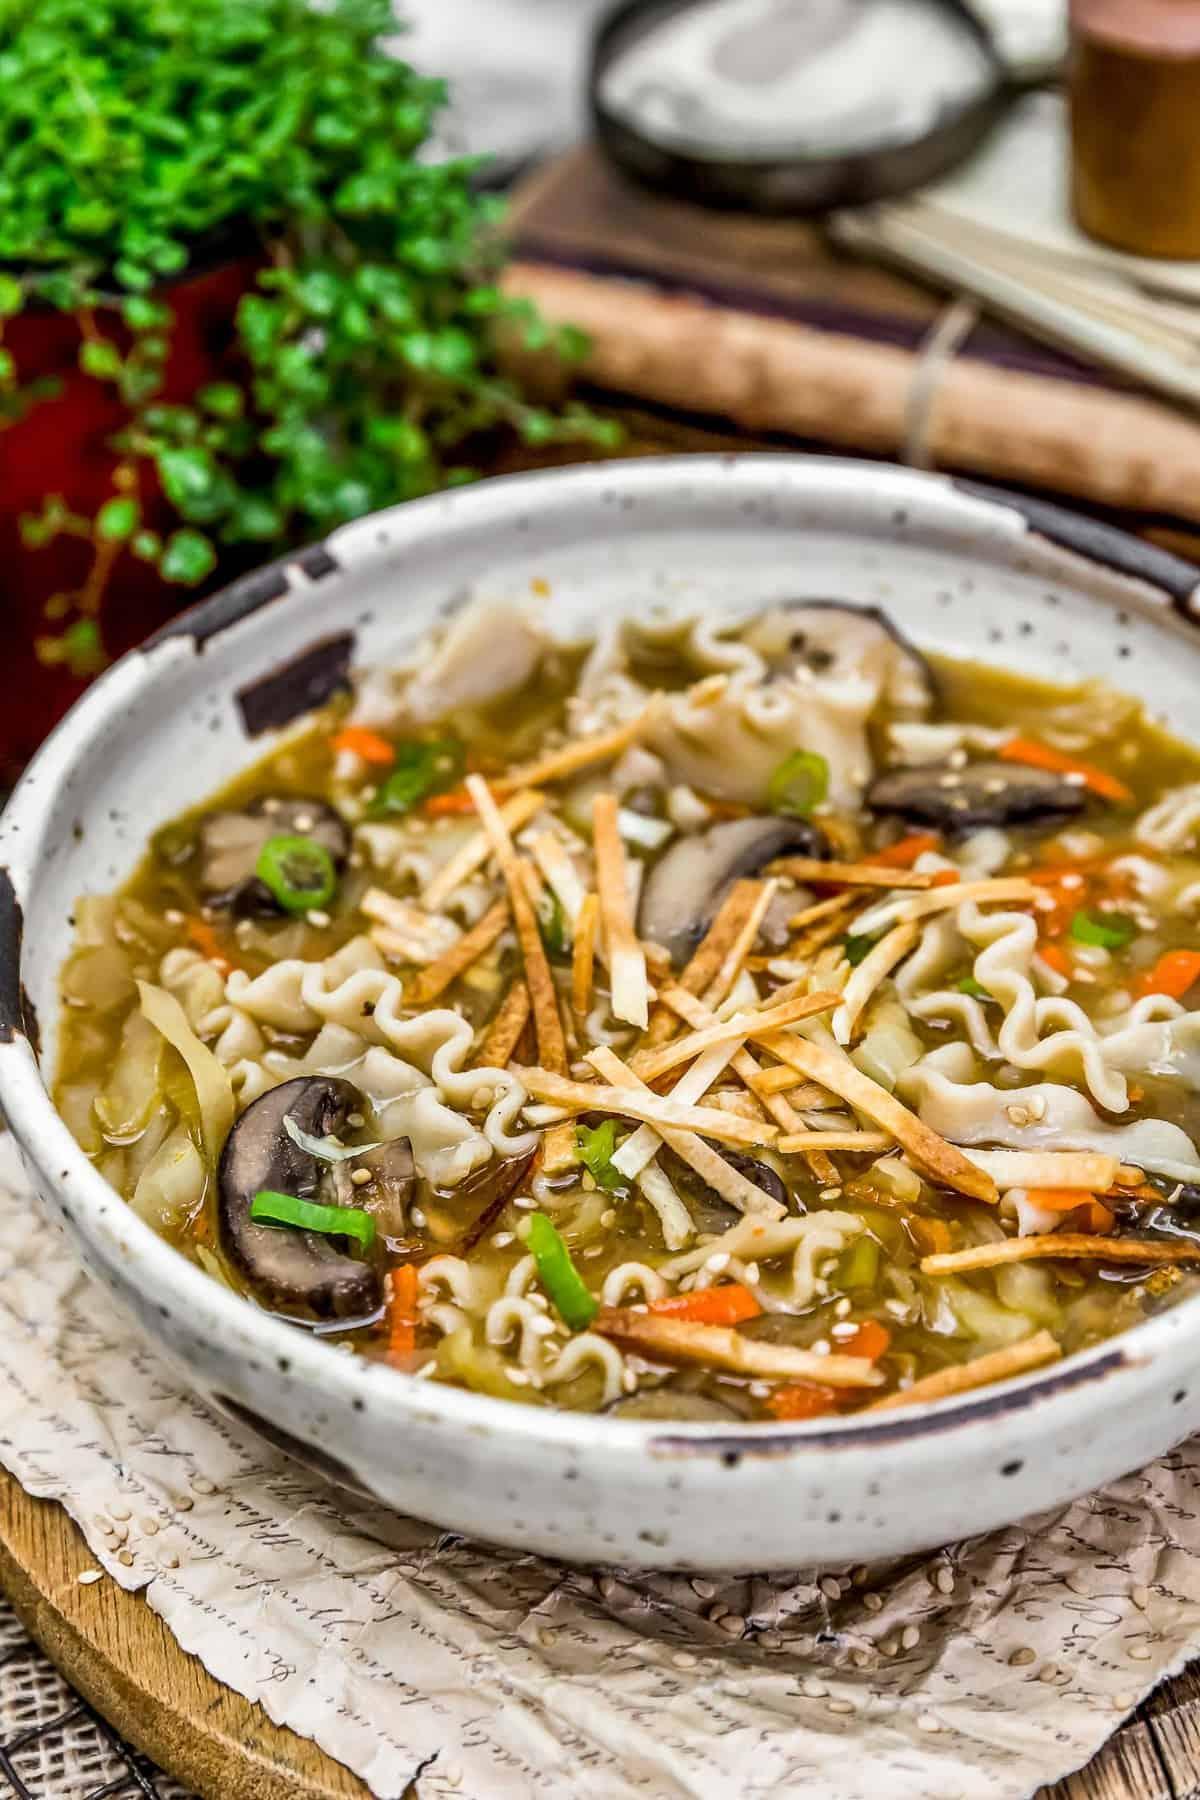 Deconstructed Vegan Wonton Soup